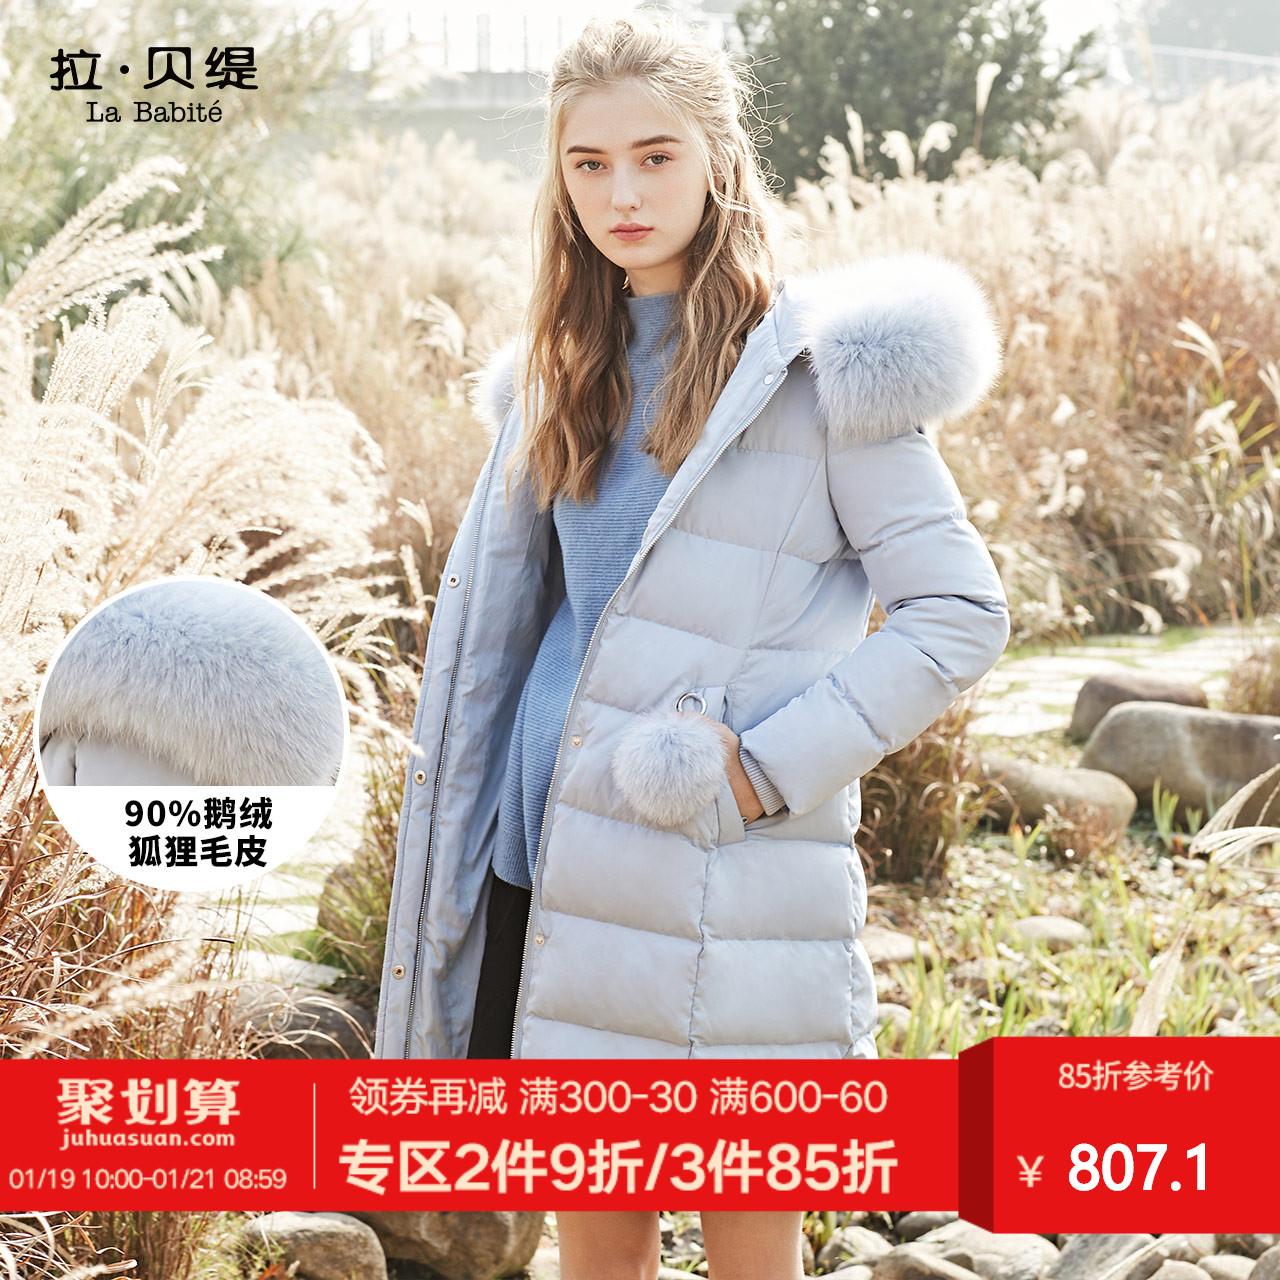 中长款羽绒服拉夏贝尔2018新款女装冬季流行时尚鹅绒外套狐狸毛领